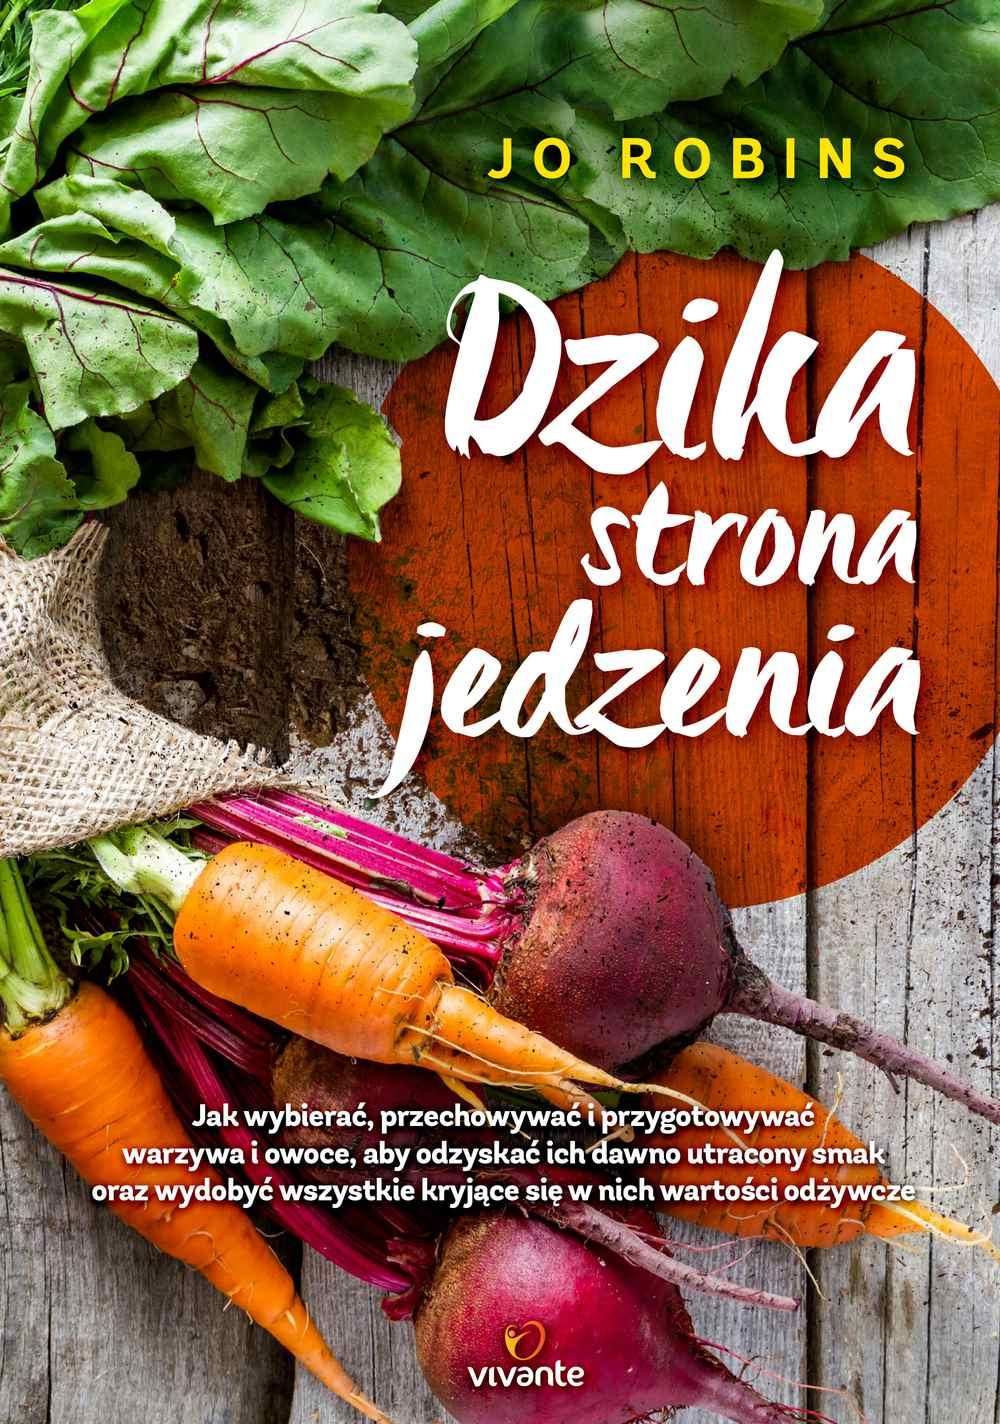 Dzika strona jedzenia. Jak wybierać, przechowywać i przygotowywać warzywa i owoce, aby odzyskać ich dawno utracony smak oraz wydobywać wszystkie kryjące się w nich wartości odżywcze - Ebook (Książka EPUB) do pobrania w formacie EPUB